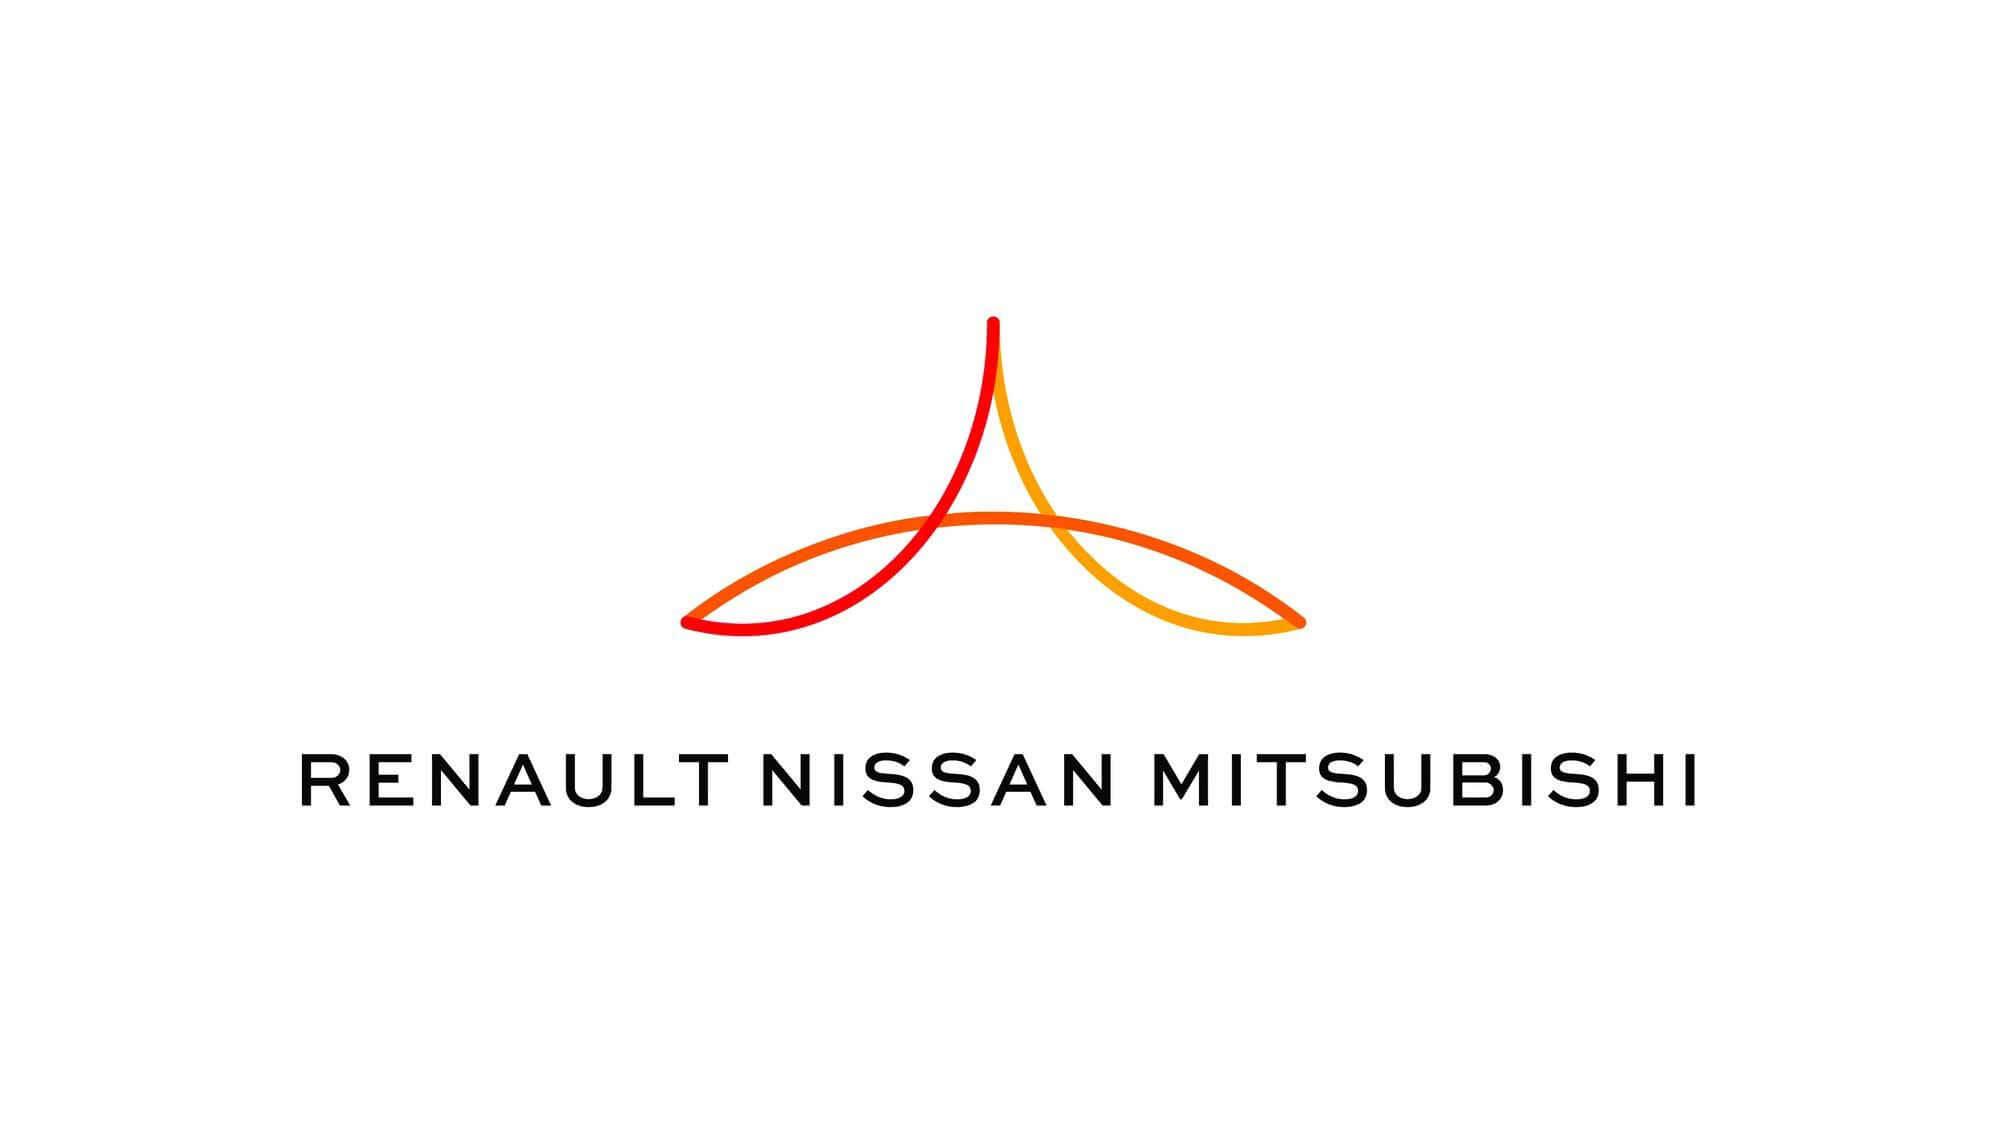 Планы альянса: Renault будет отвечать за Россию, Nissan - за Америку, Mitsubishi будет отправлено «в воды»